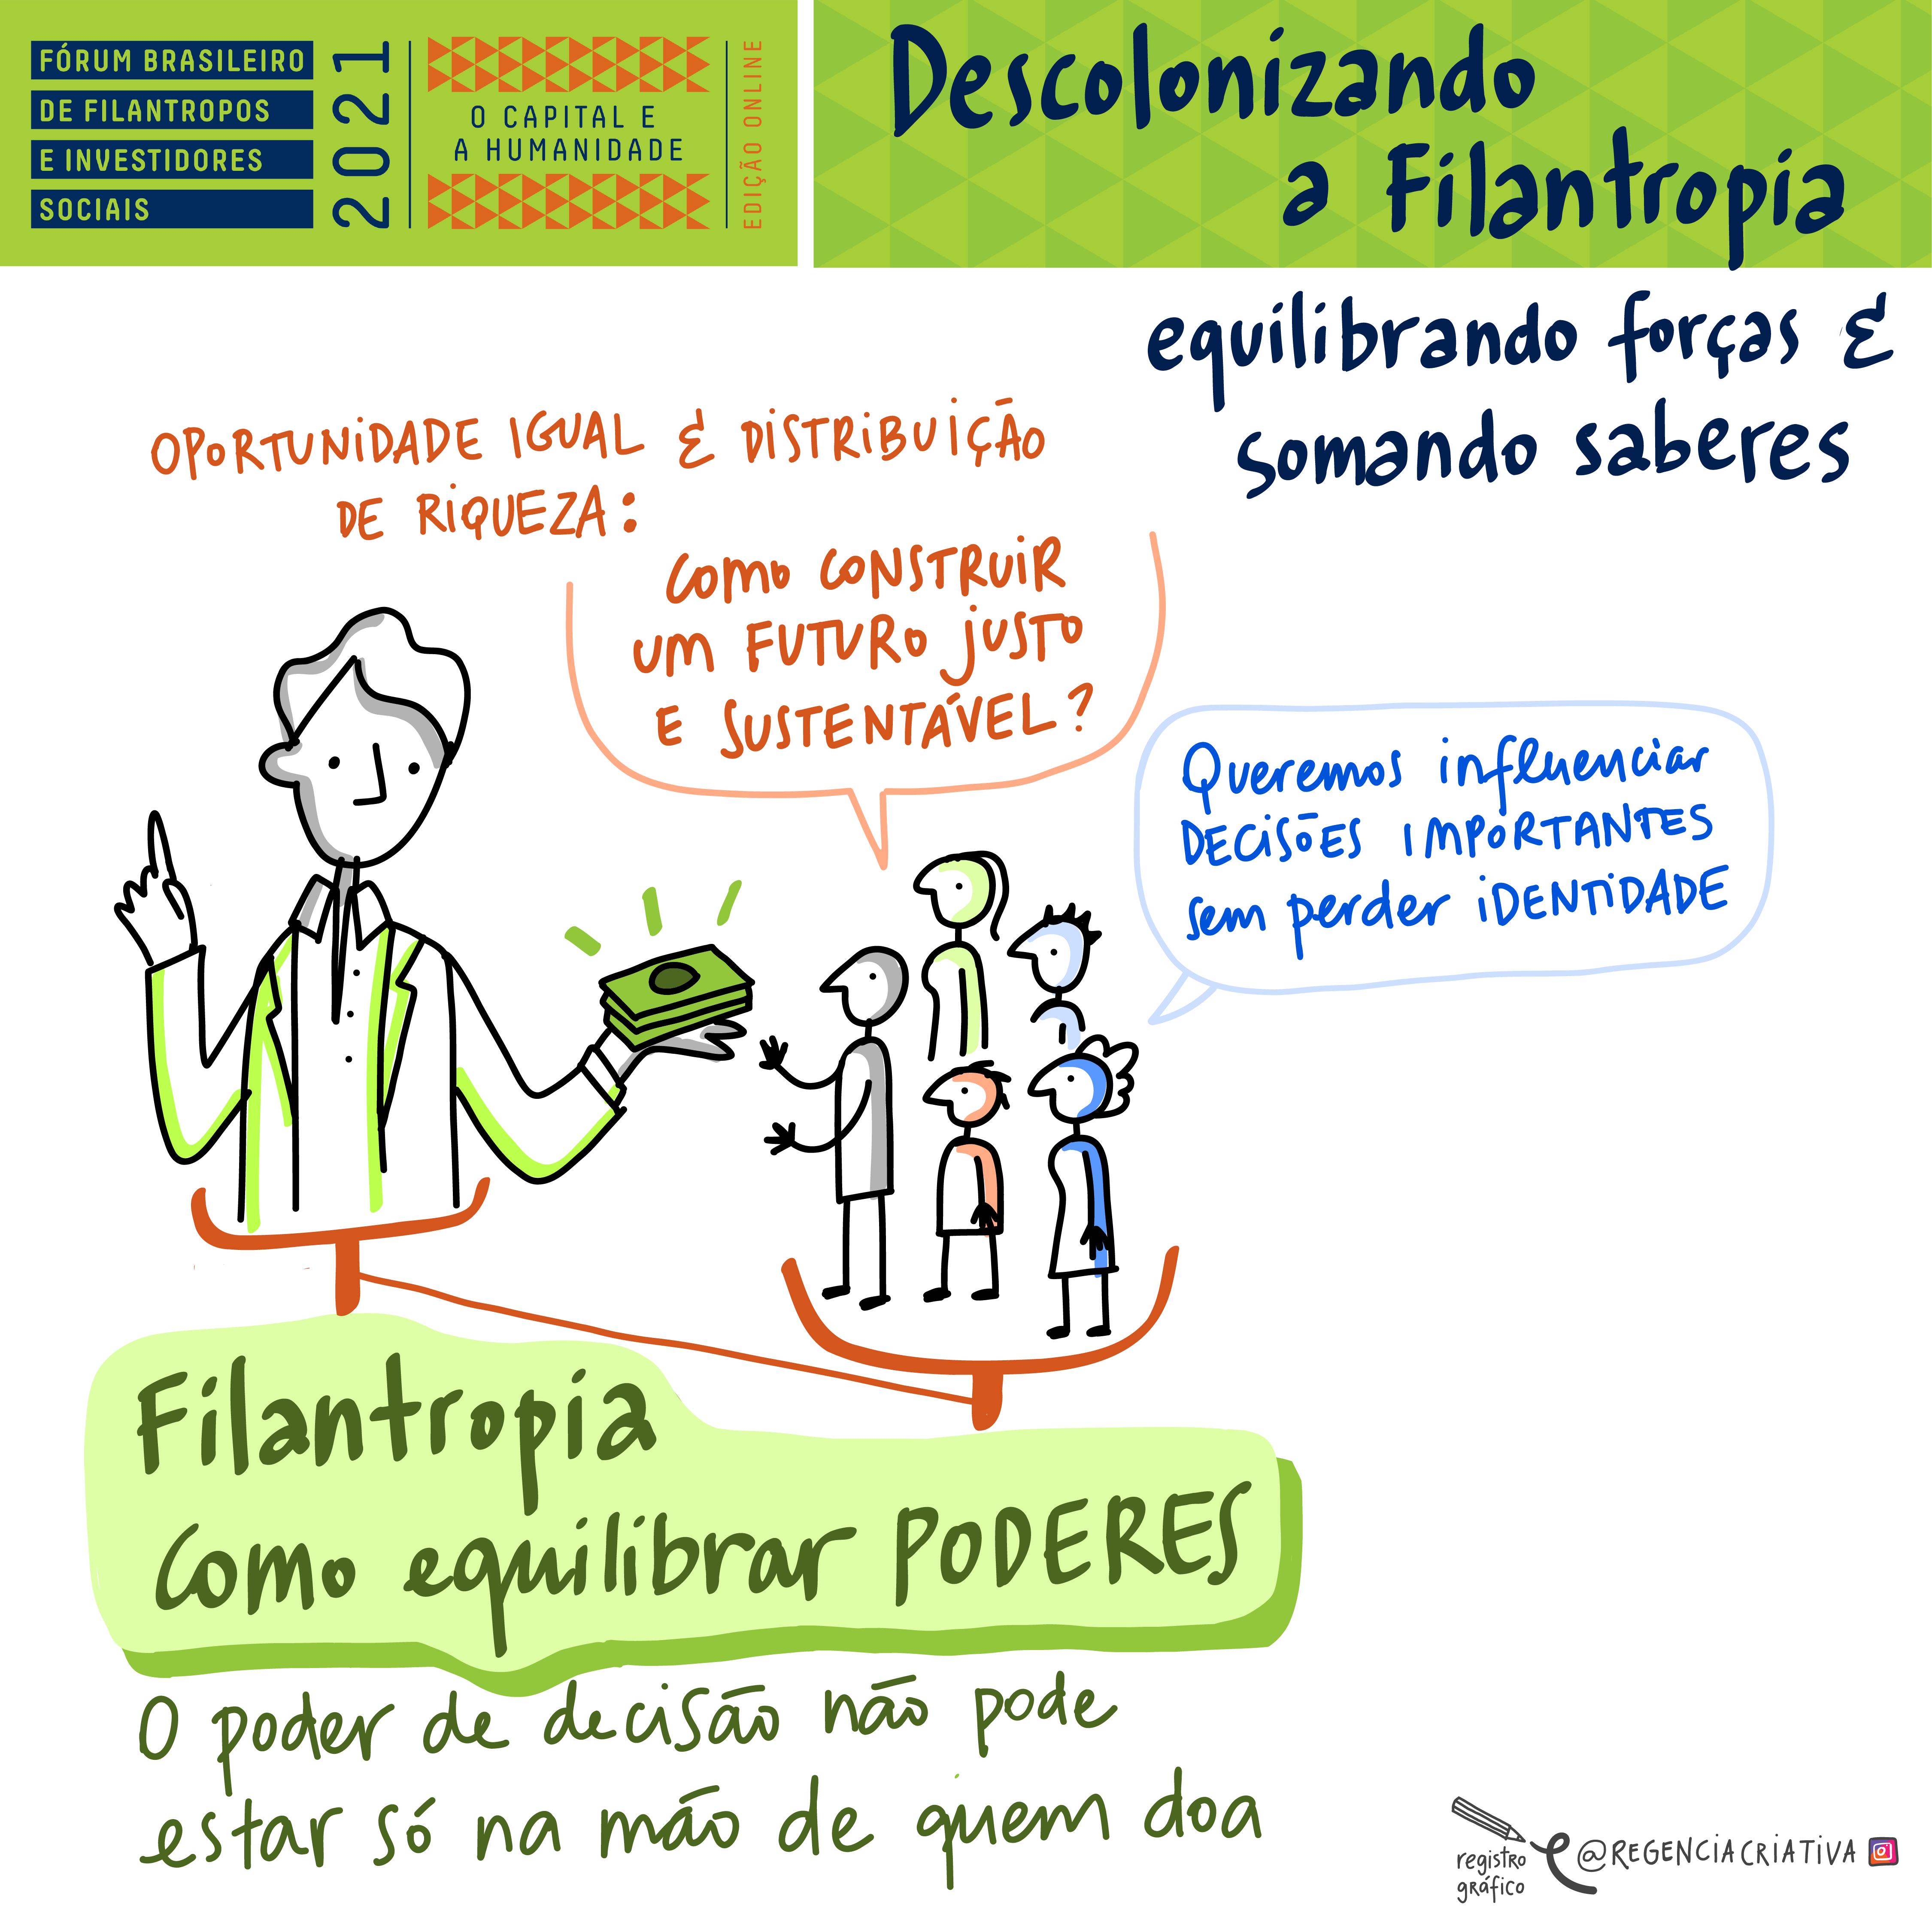 Descolonizando a Filantropia: equilibrando forças e somando saberes